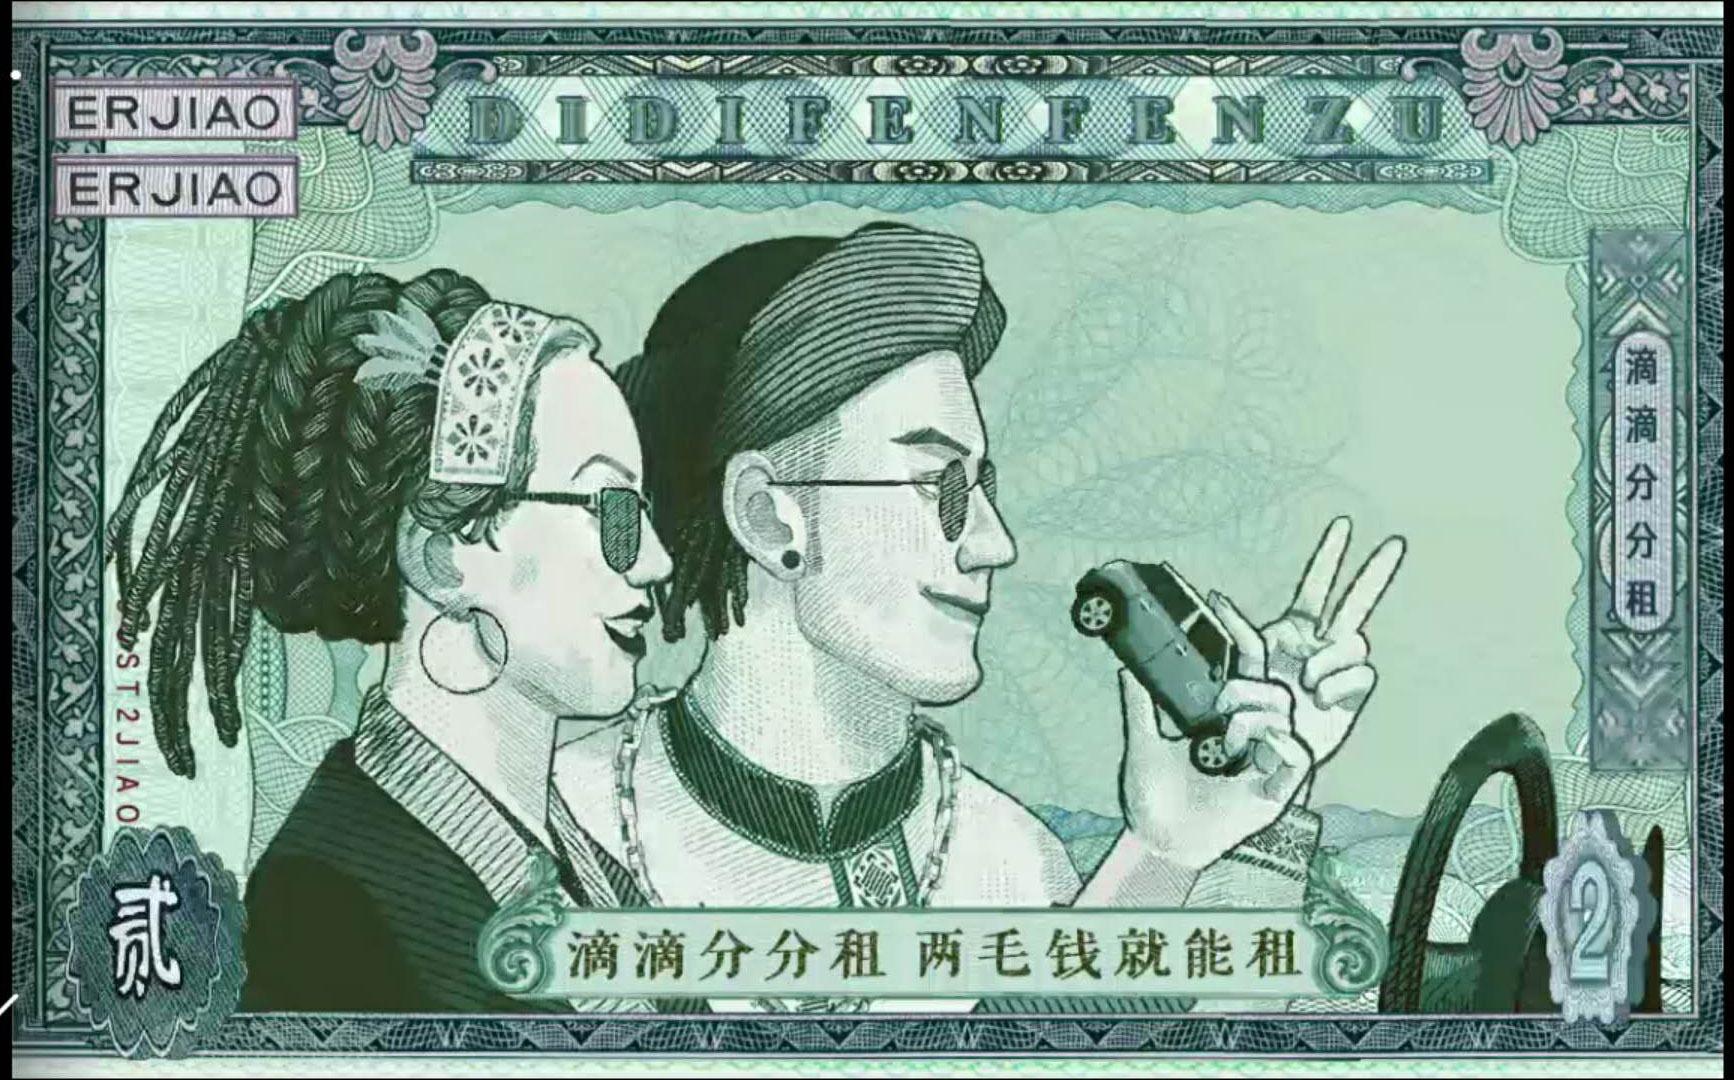 这支H5满屏两毛RMB的味道!